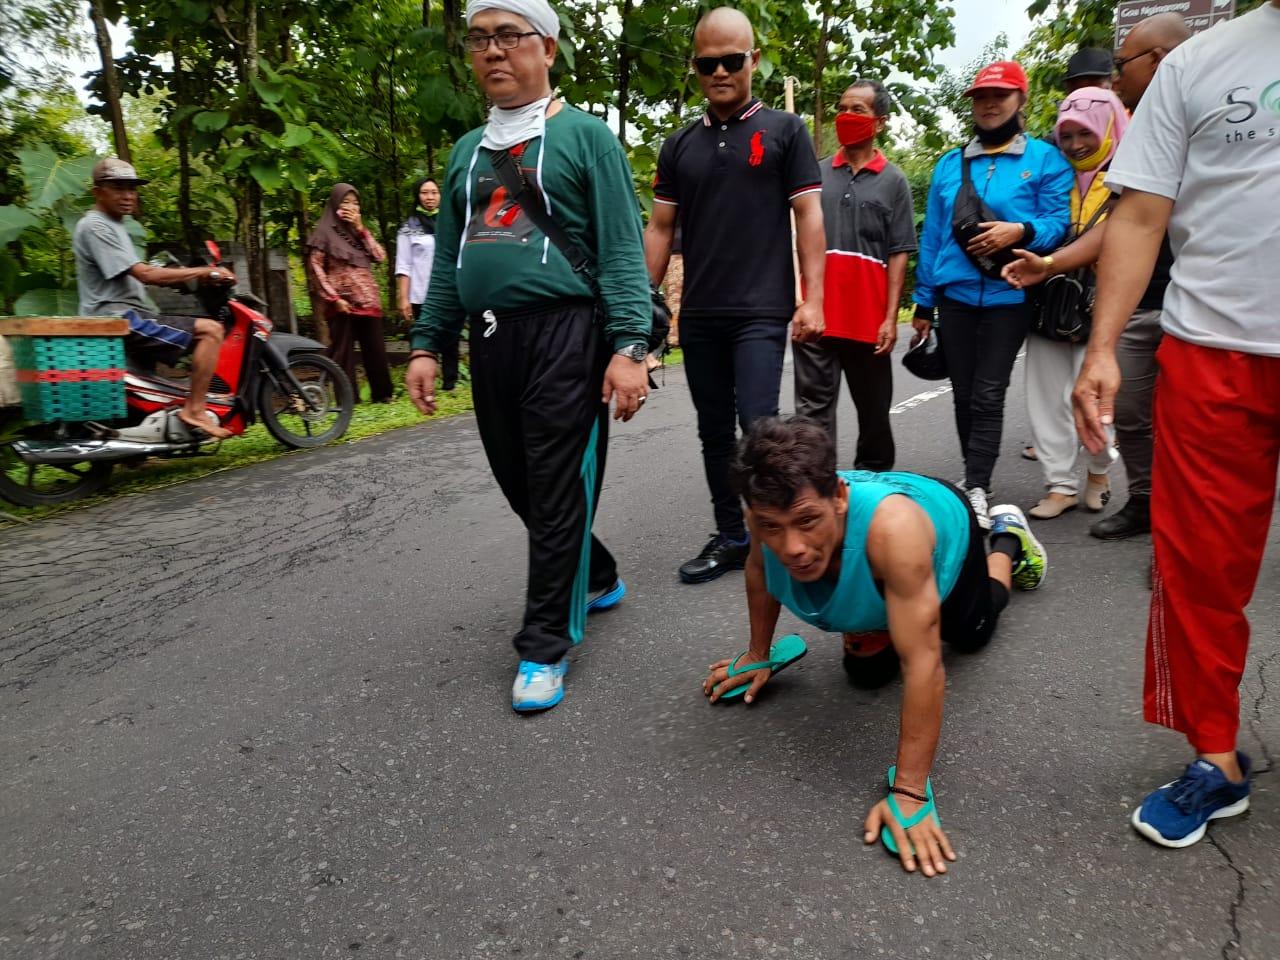 Calon yang Didukung Unggul, Penjual Siomay Ini Berjalan Merangkak dari Mentel ke Kwarasan 157